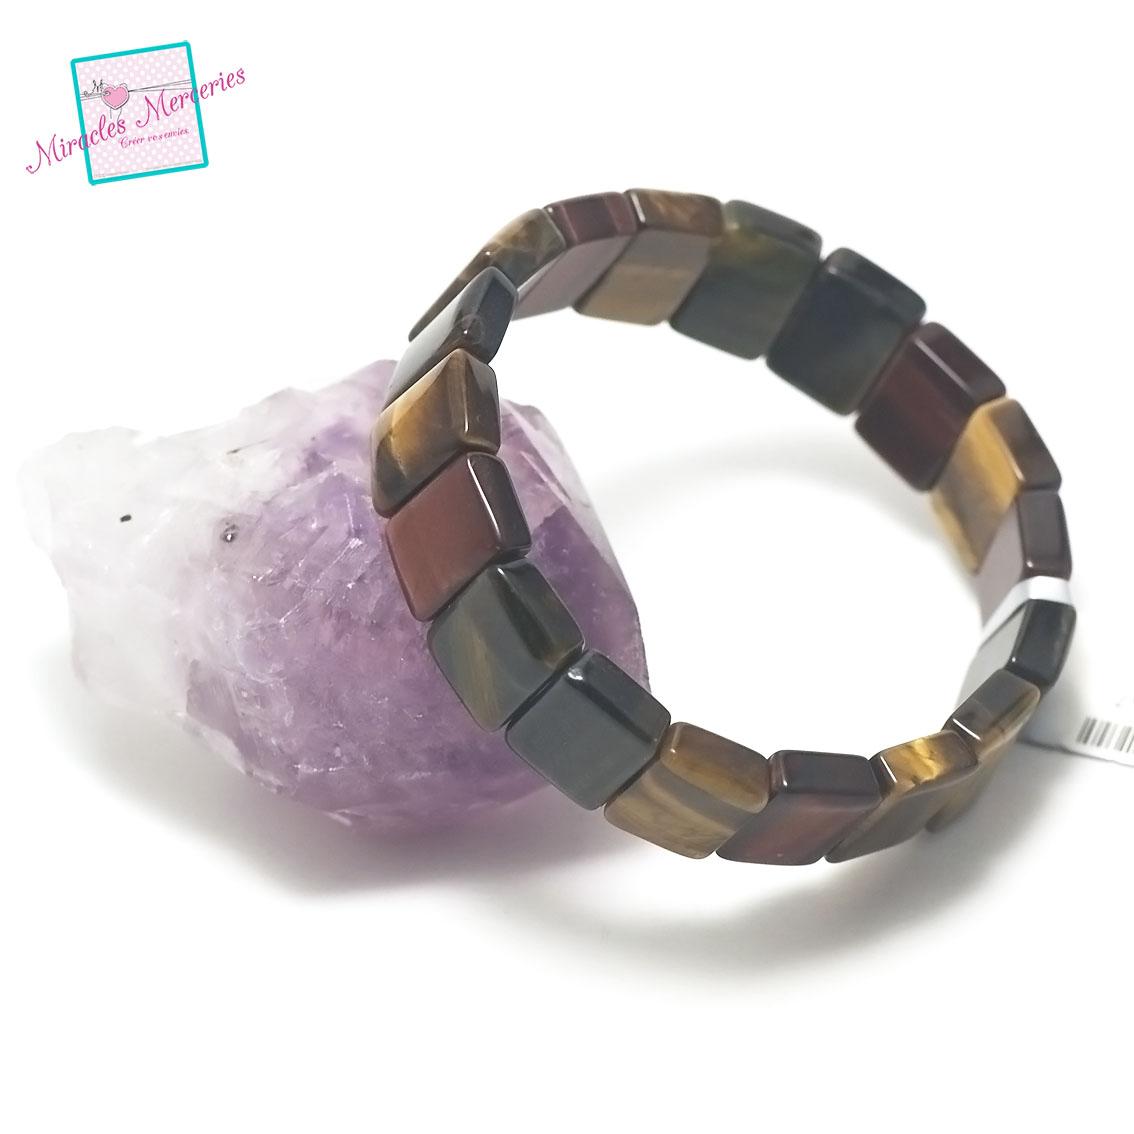 bracelet trois oeil(oeil de tigre/oeil de taureau/oeil de faucon), plaquette rectangle